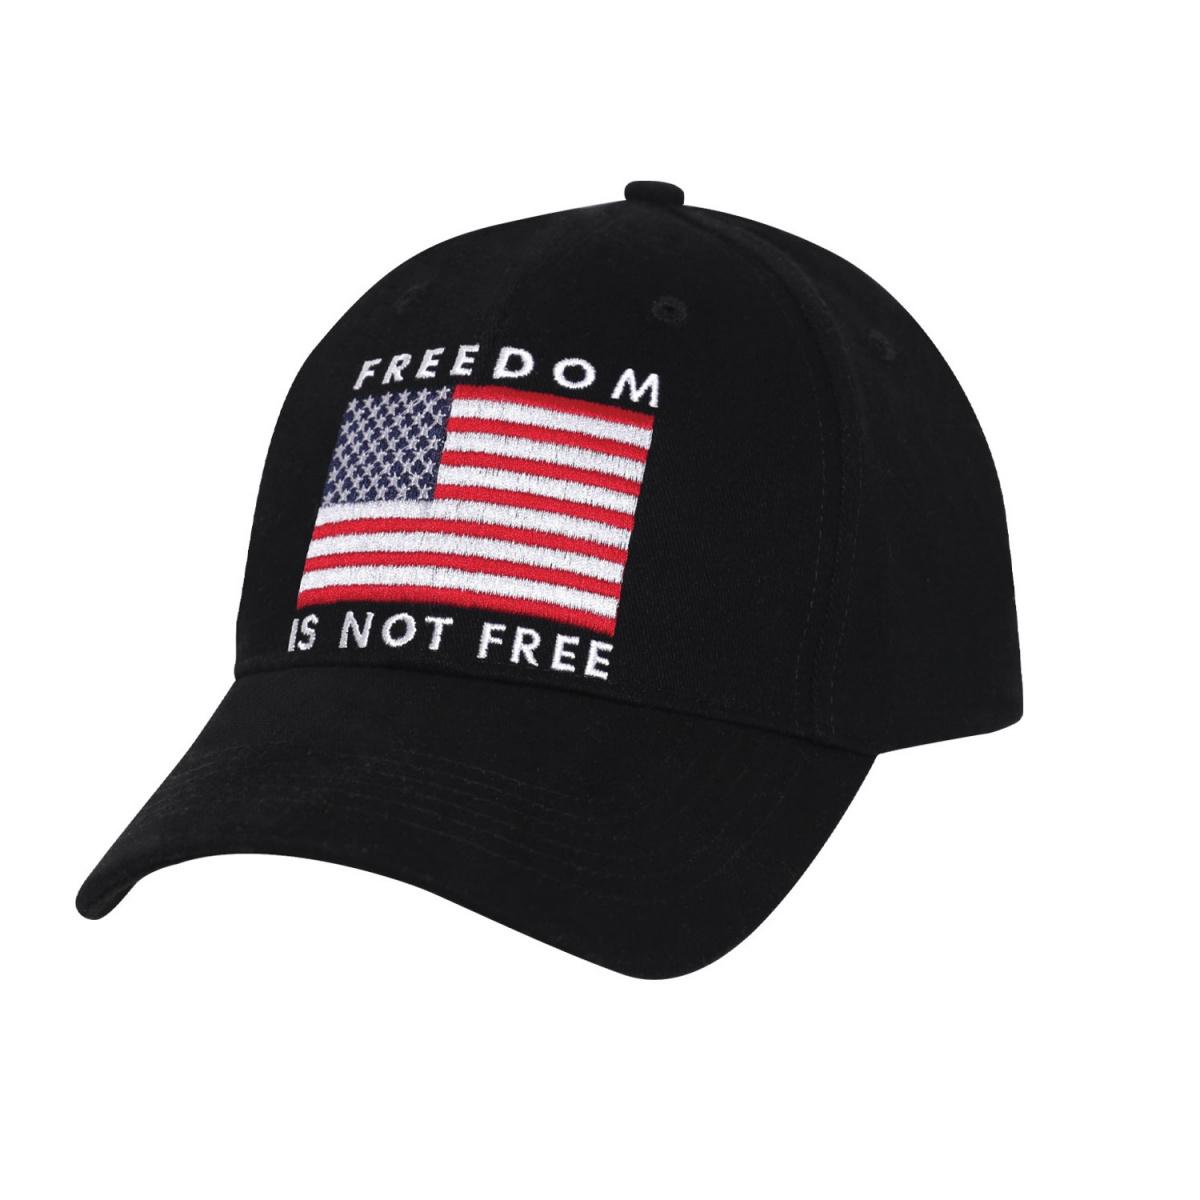 Èepice BASEBALL FREEDOM IS NOT FREE ÈERNÁ - zvìtšit obrázek